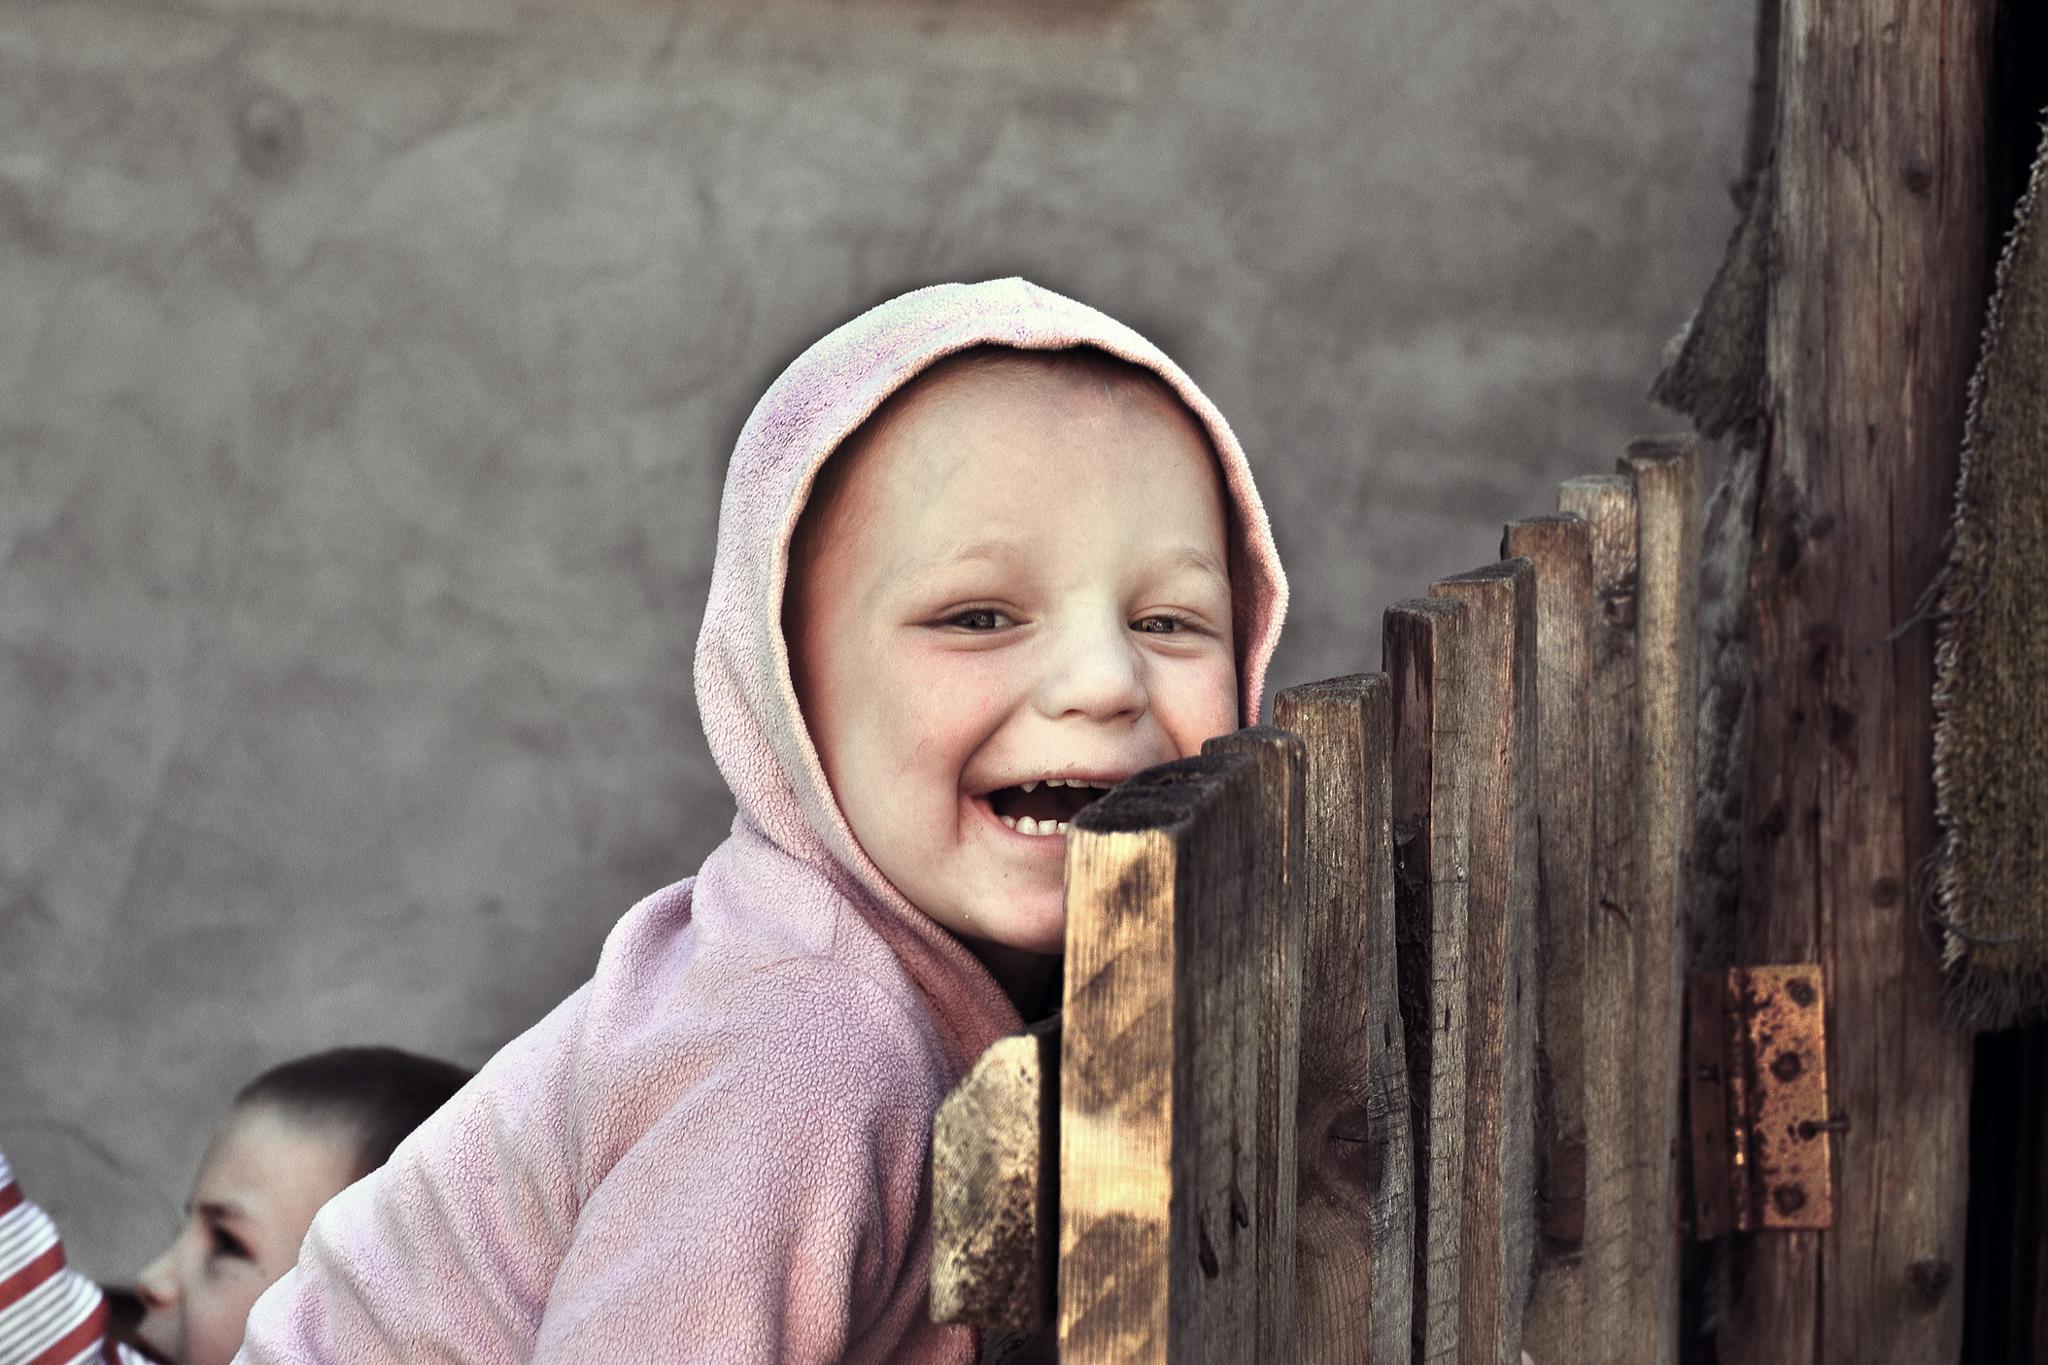 Cheerfulness by Neli